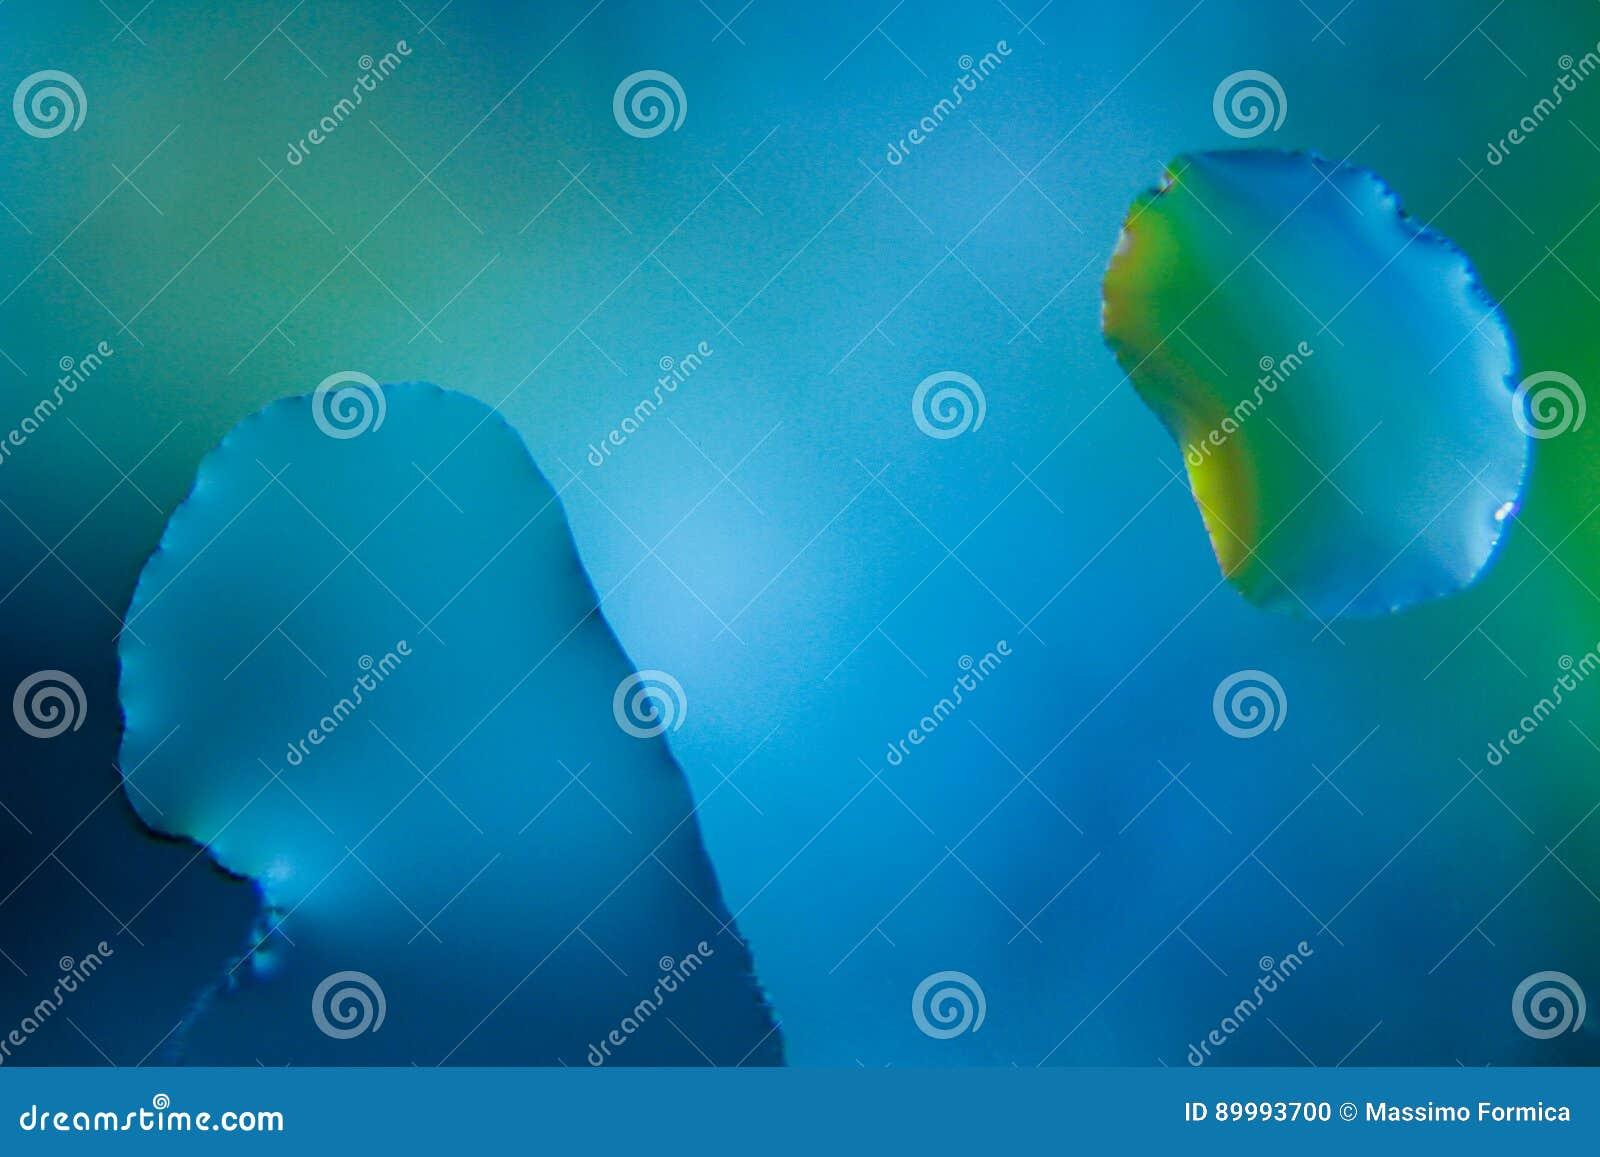 Tropfen des blauen Wassers - Makro